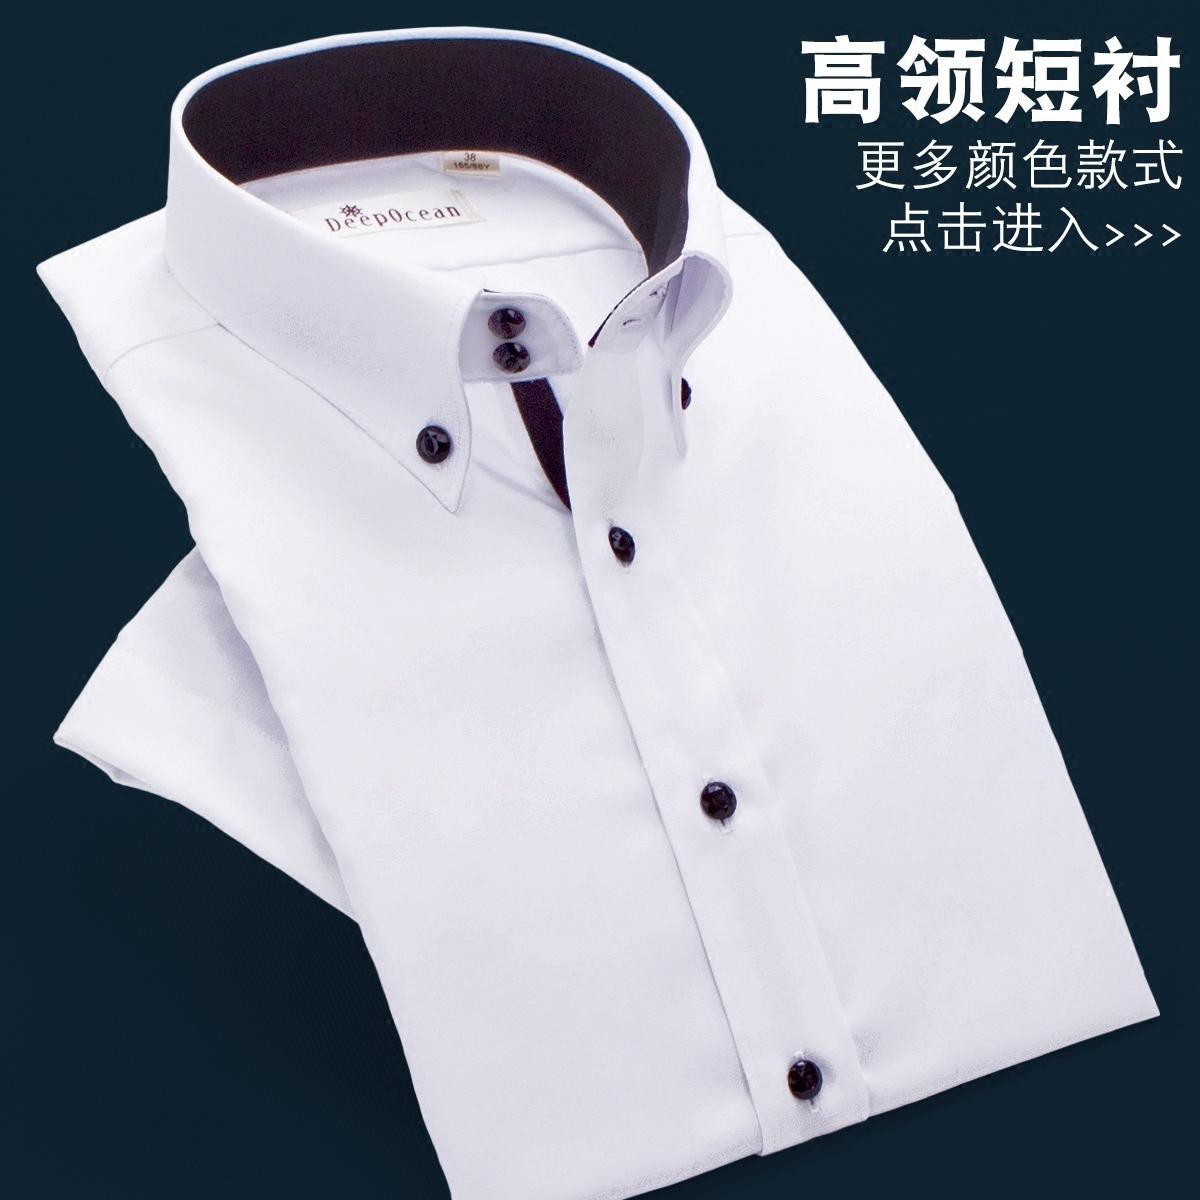 半高领衬衣